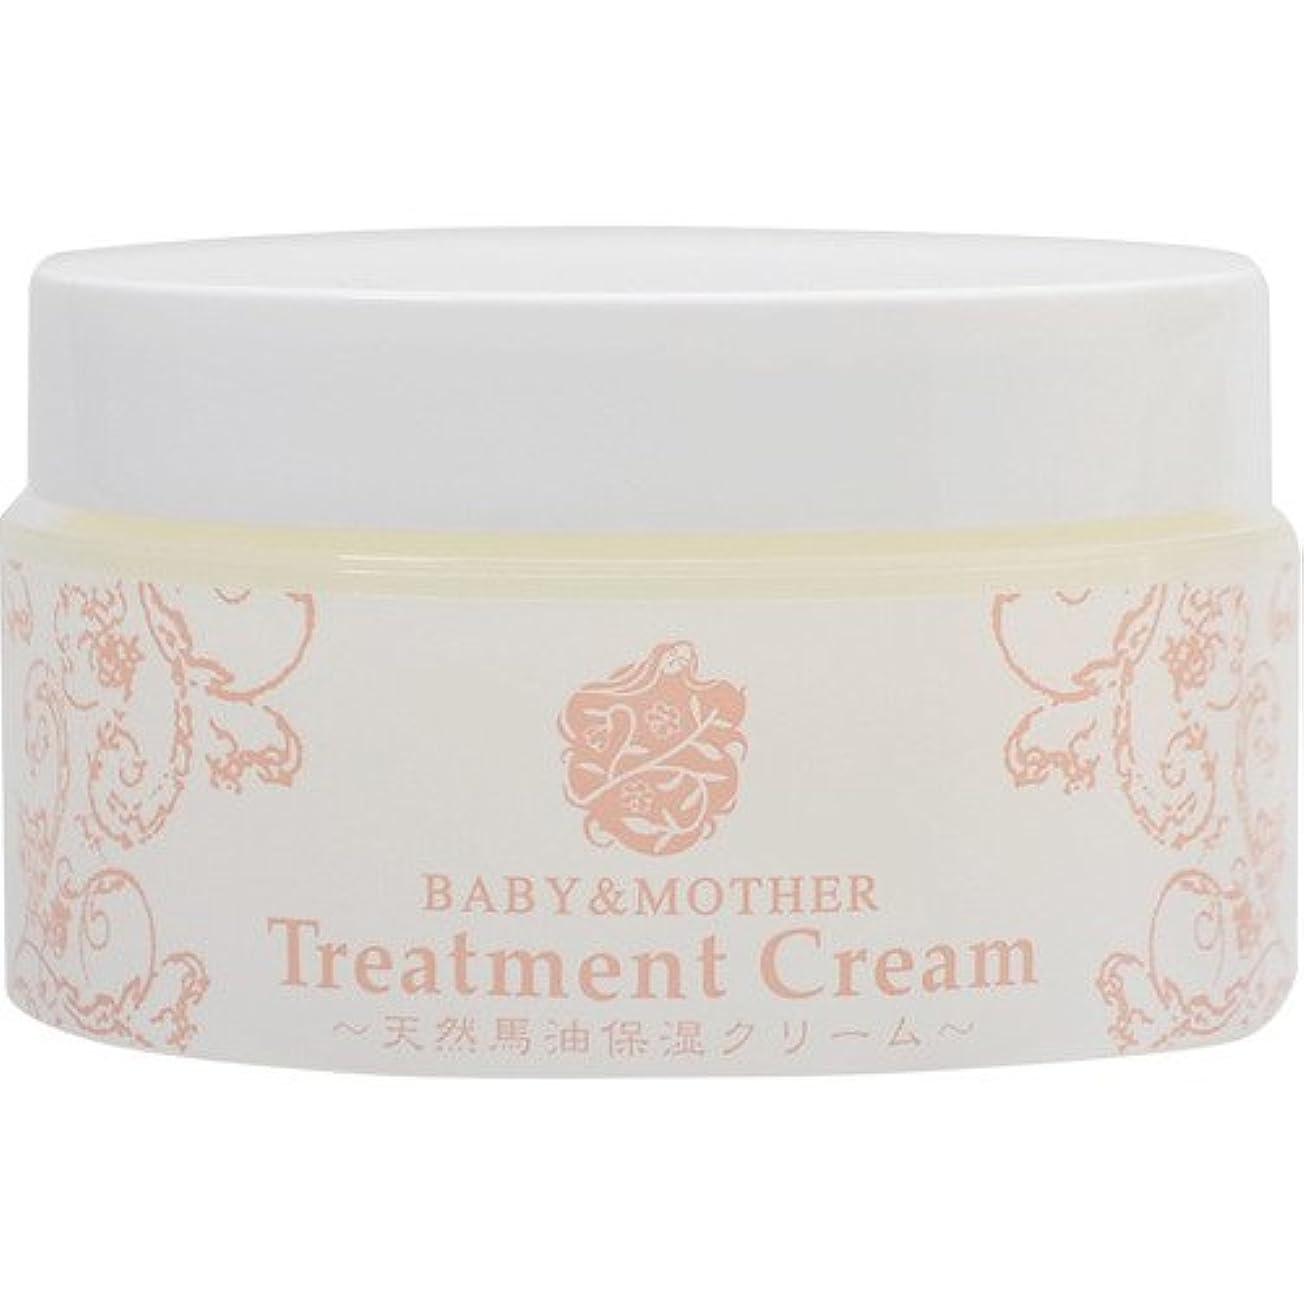 読み書きのできないモチーフ展開するBABY&MOTHER Treatment Cream 天然馬油保湿クリーム 80g